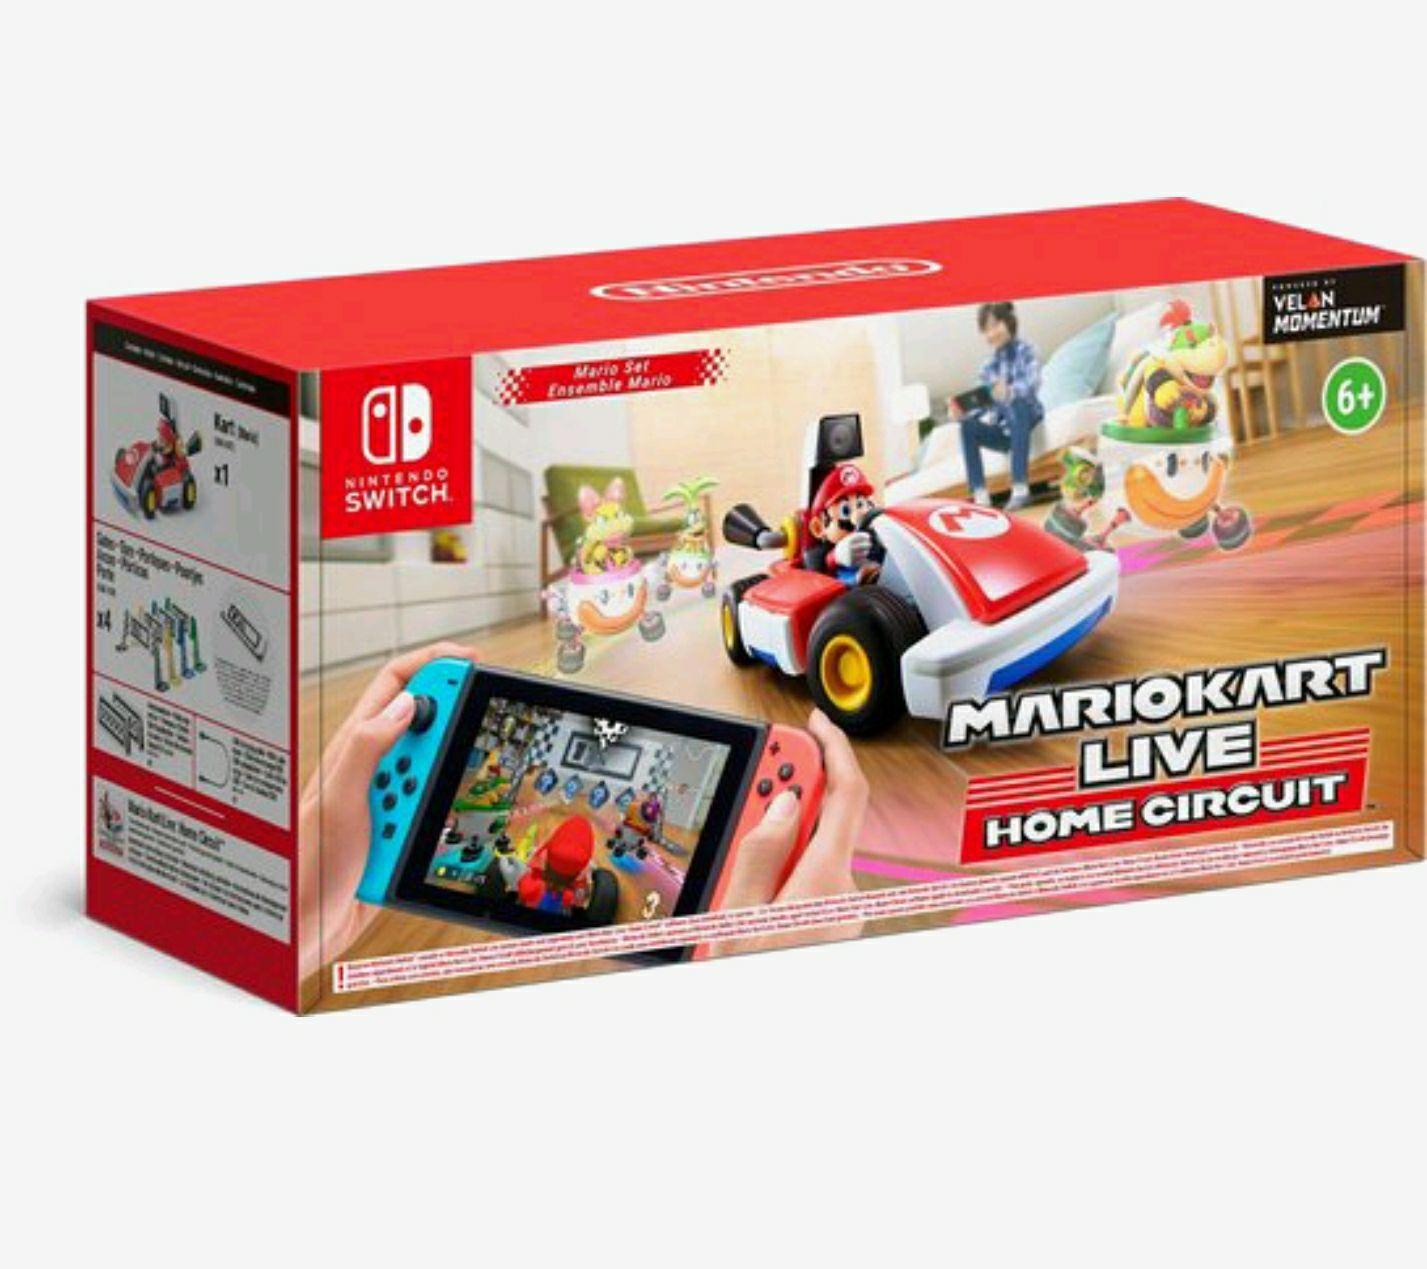 Mario Kart Live Home Circuit (Mario) preorder